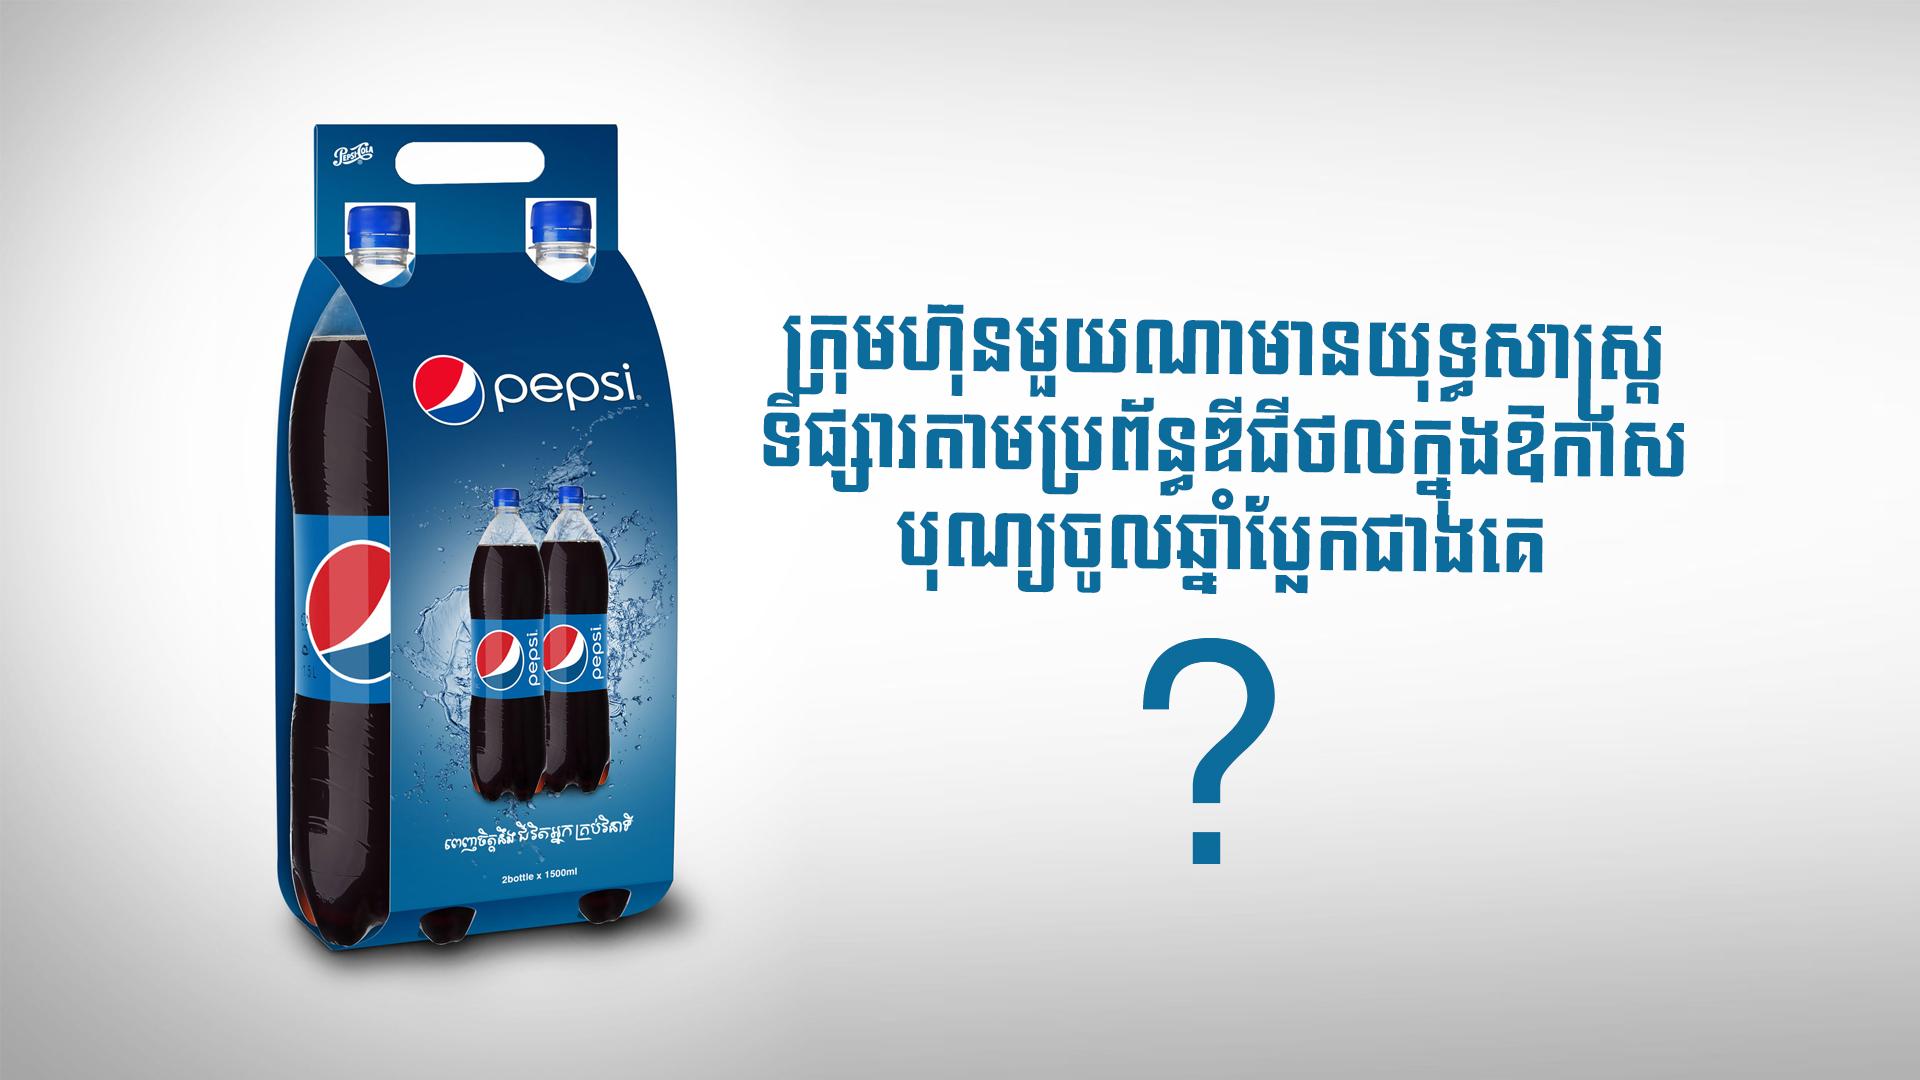 Pepsi Digital Marketing - គំនិត